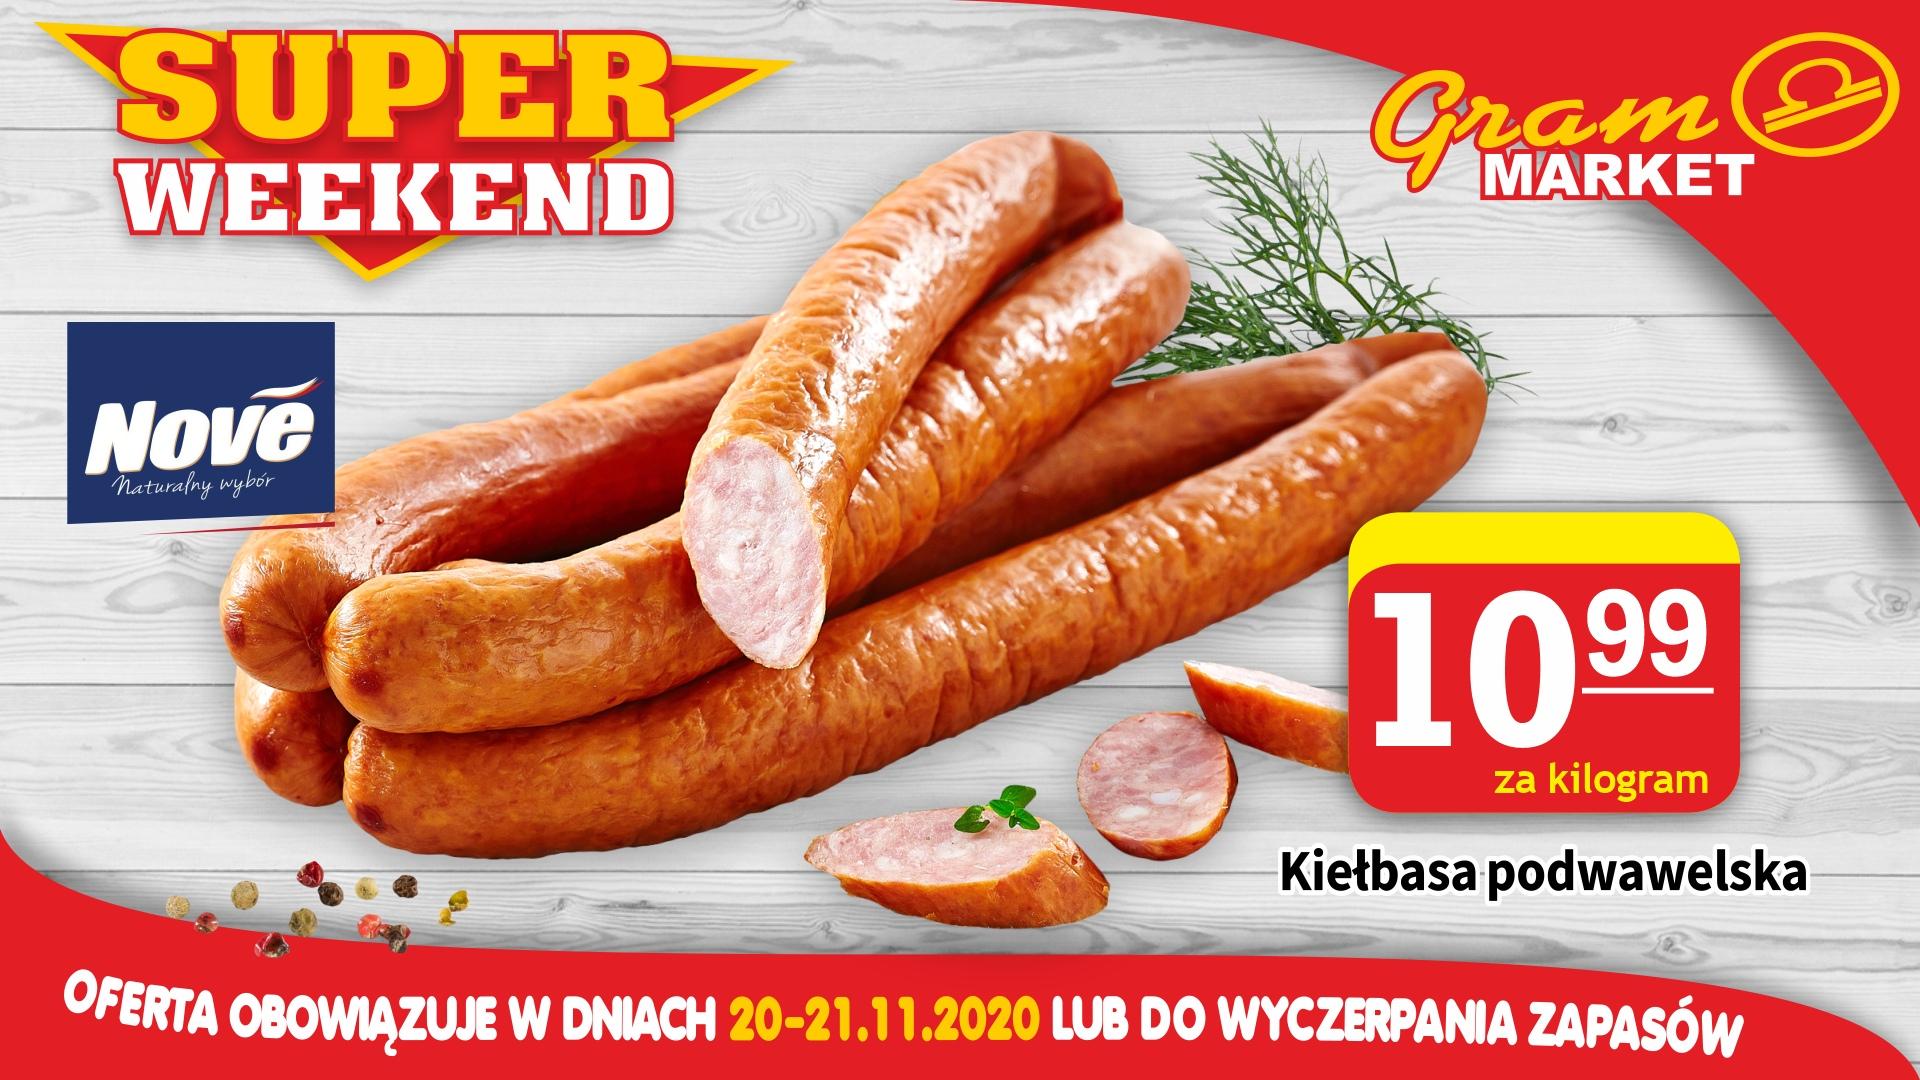 SUPER_WEEKEND-20-21-4